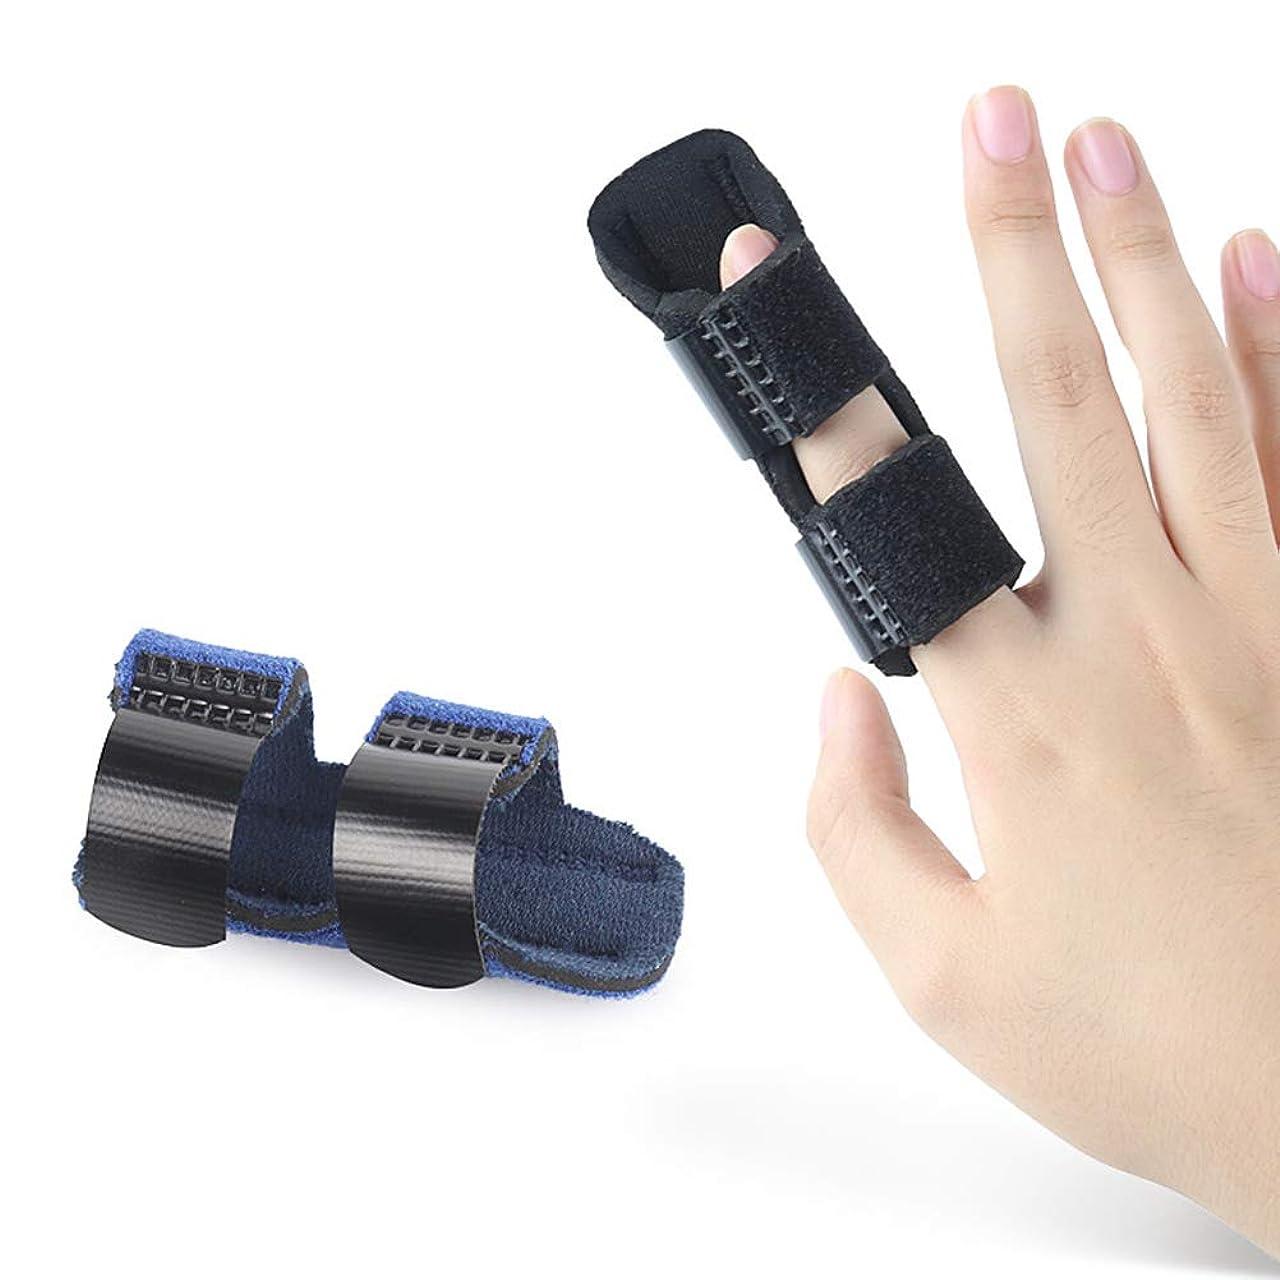 虐殺相手現実にはSUPVOX 首サポートブレース 腱鞘炎 バネ指 関節靭帯保護 損傷回復に 手首の親指の痛みを和らげる 1対指スプリントサポート(黒)